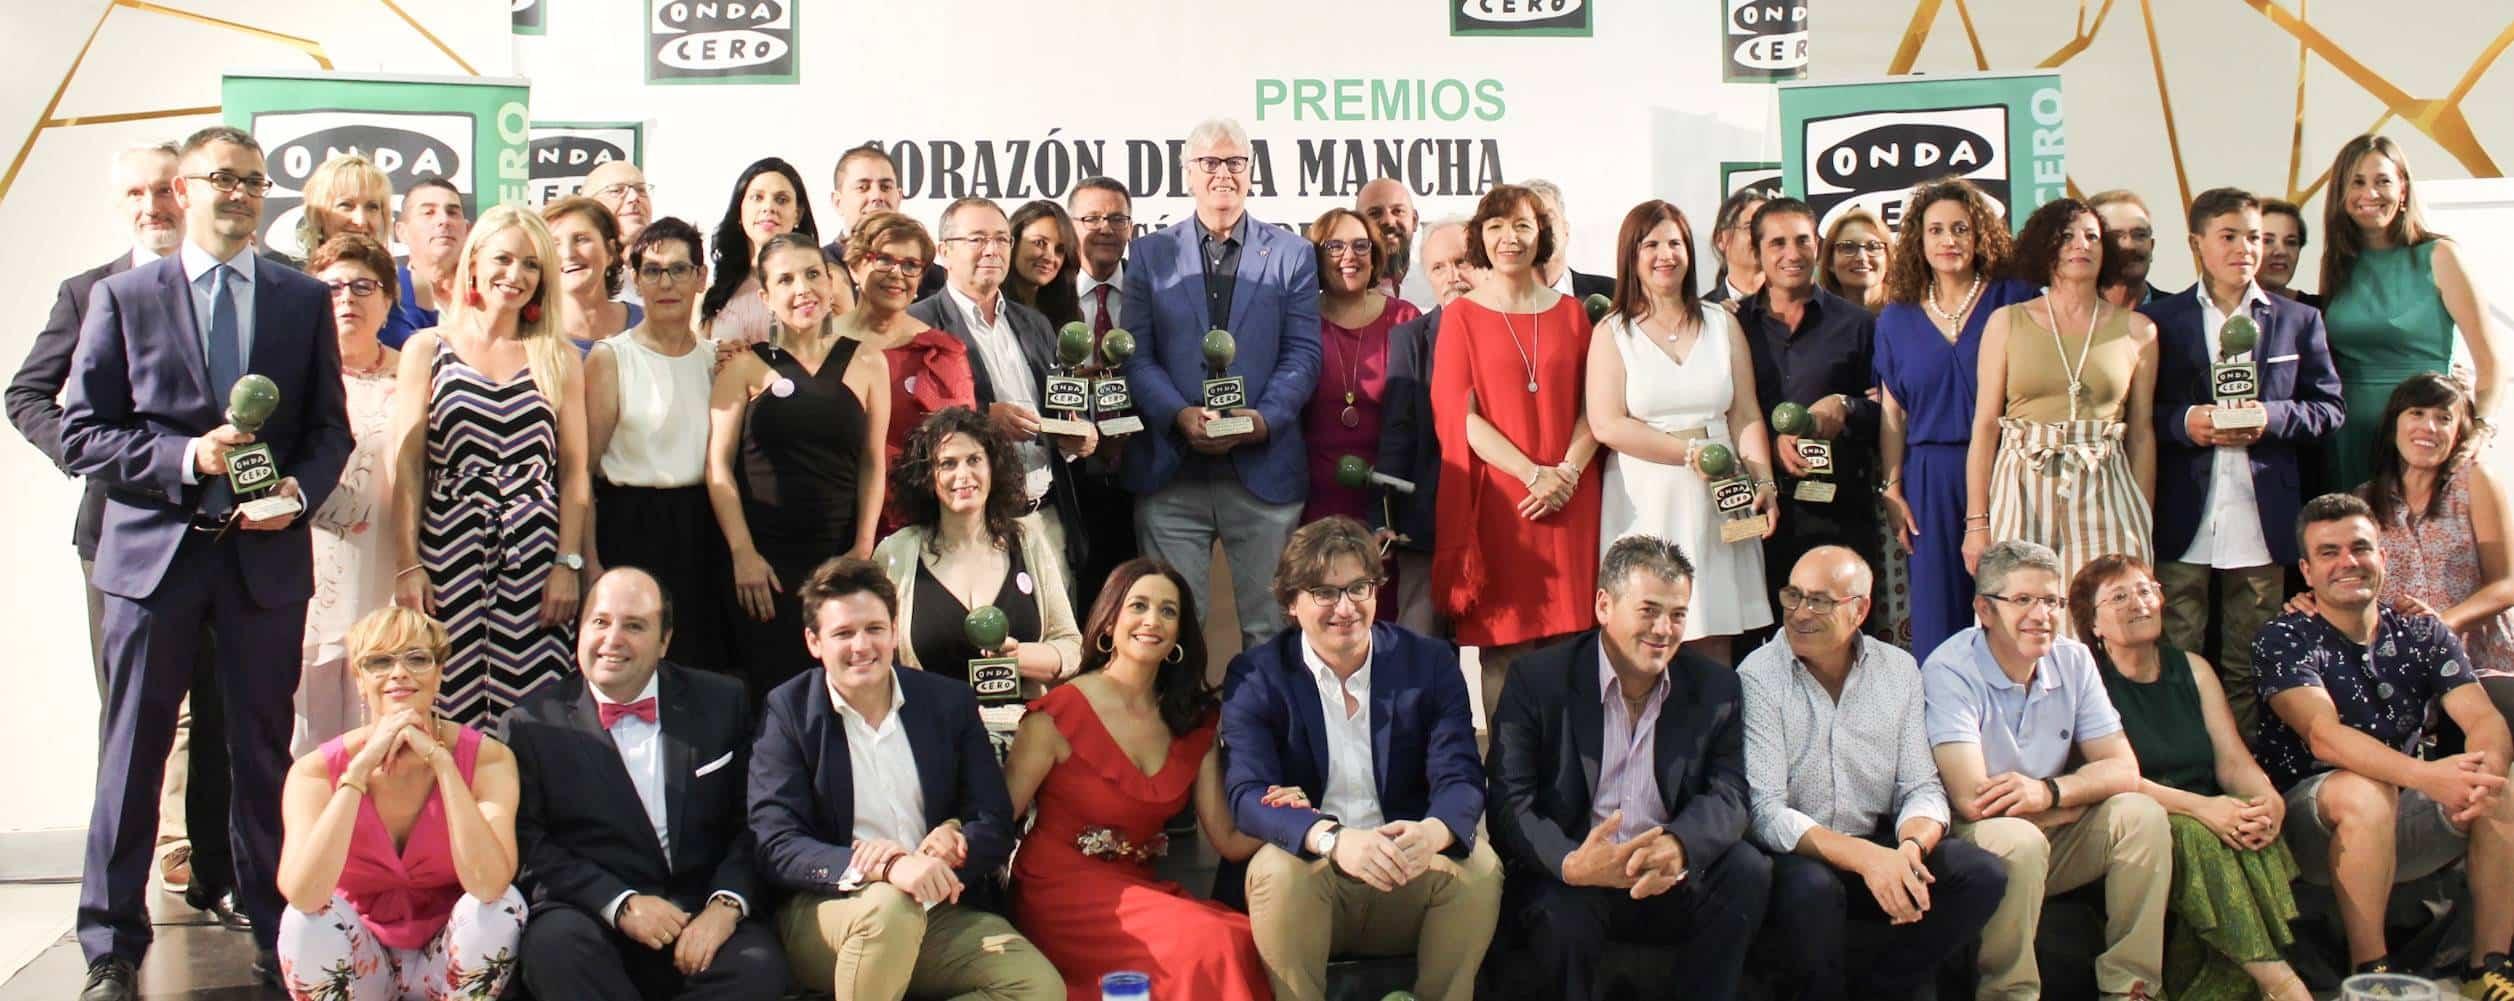 """premios corazon de la mancha 2018 onda cero - El Consejo Local Agrario de Herencia recibe una meción especial en la XXVI edición de los Premios """"Corazón de La Mancha"""""""